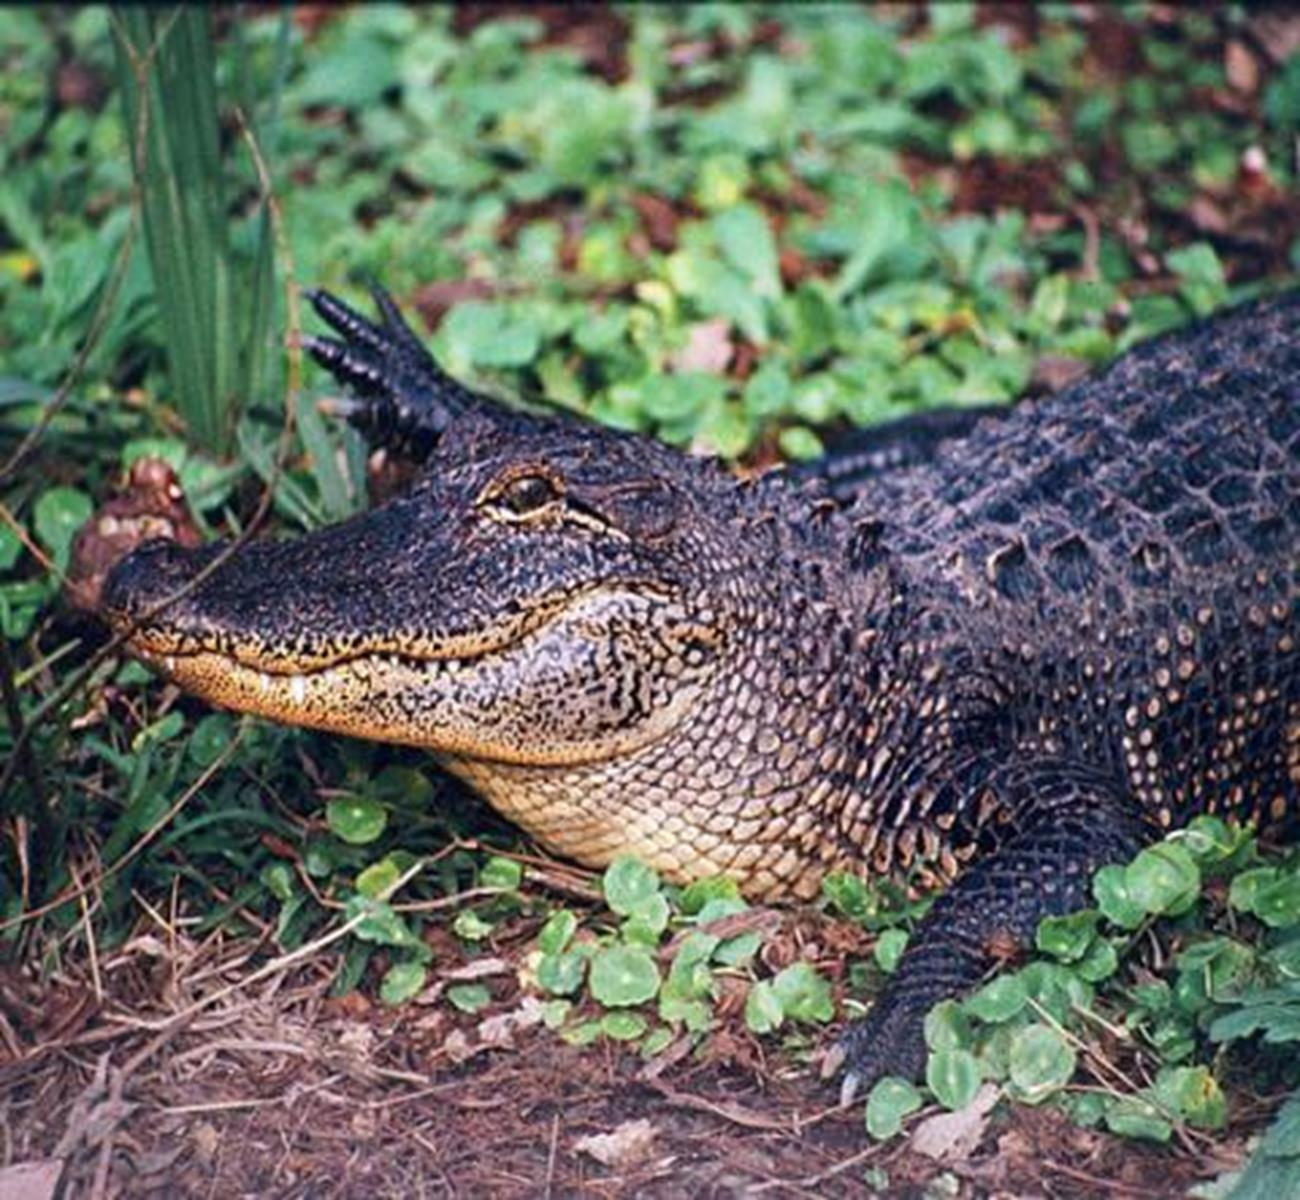 Jungle Gardens Alligator Credit: Iberia Parish